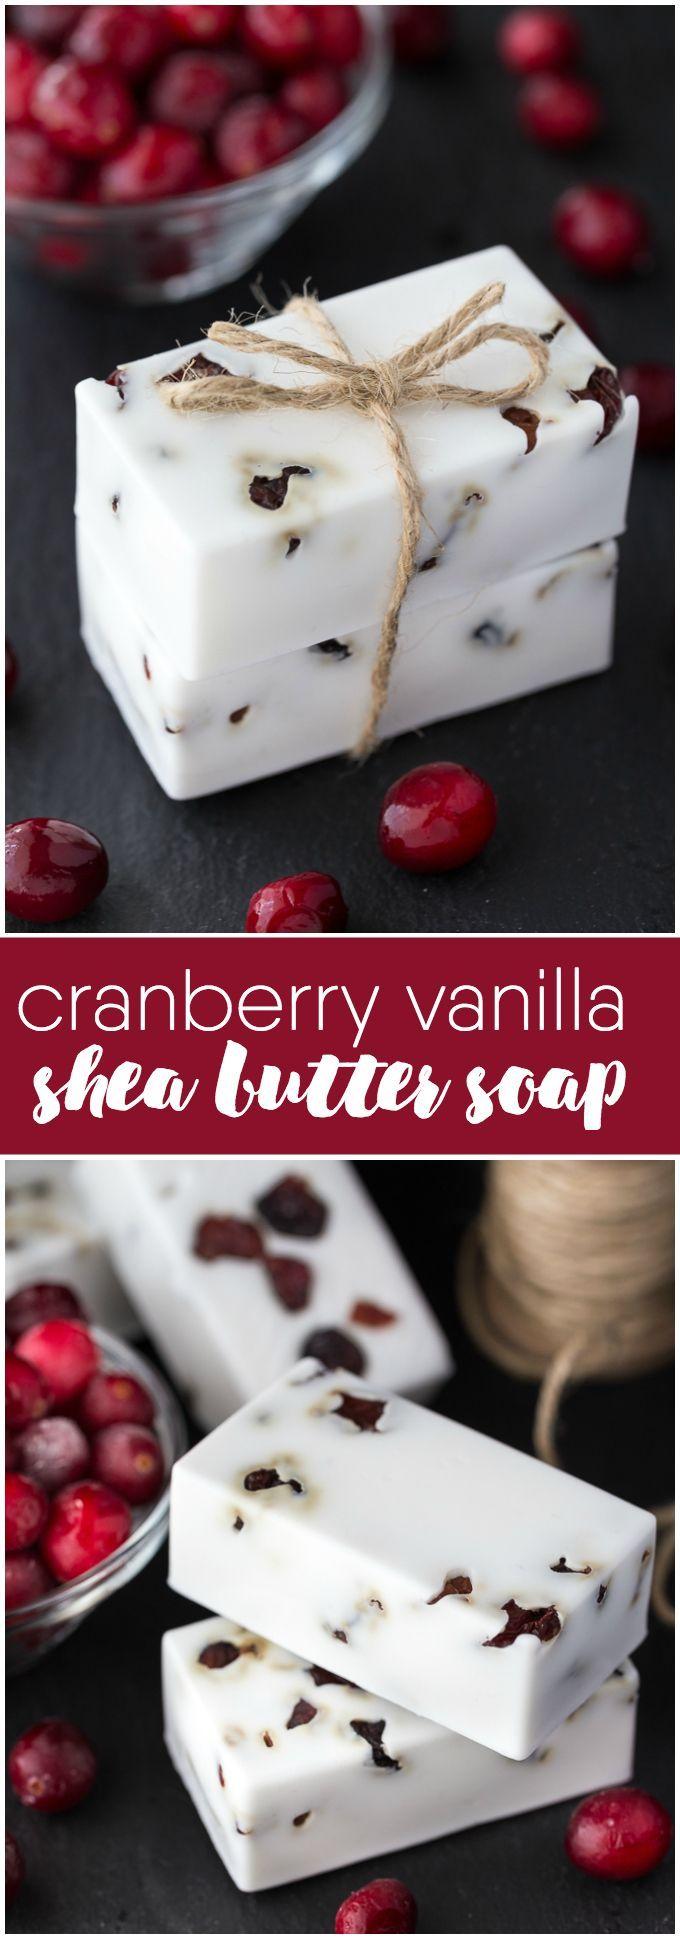 Клюквенный с ванилью мыло с маслом Ши - сделать свой собственный DIY мыло идеально подходит для отдыха подарков.